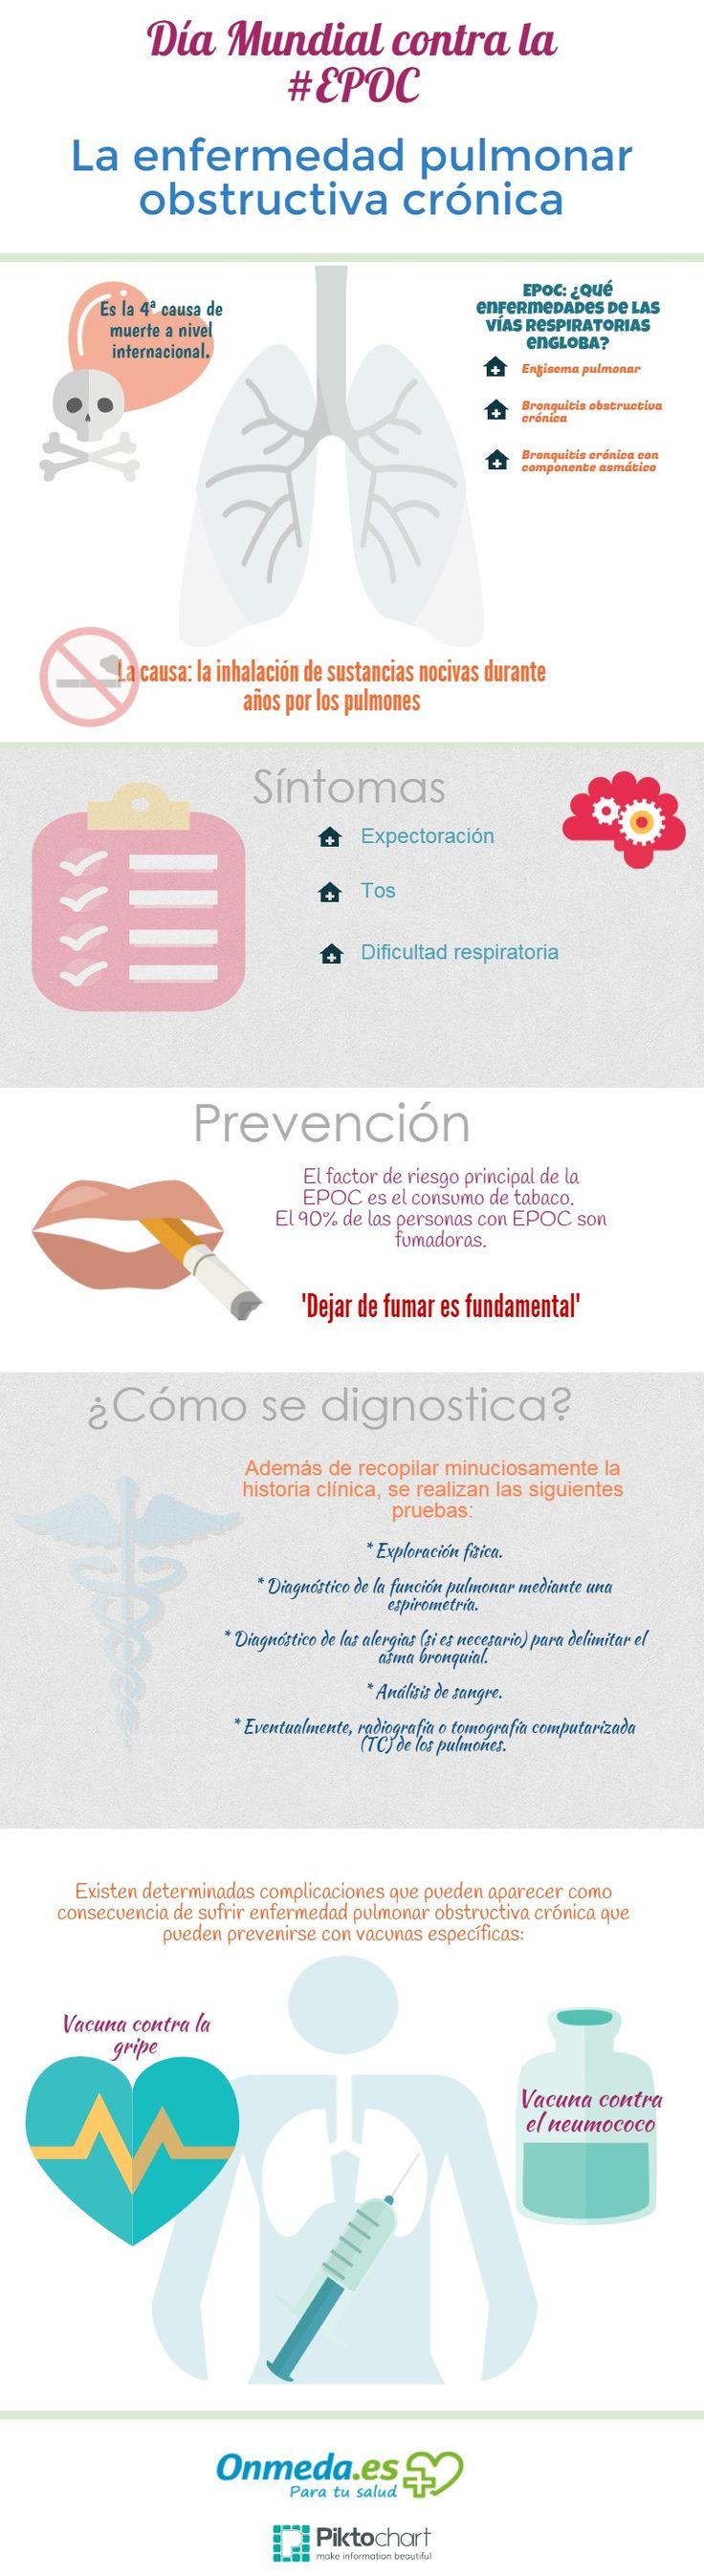 Día Mundial de La enfermedad pulmonar obstructiva crónica #EPOC #inpographic